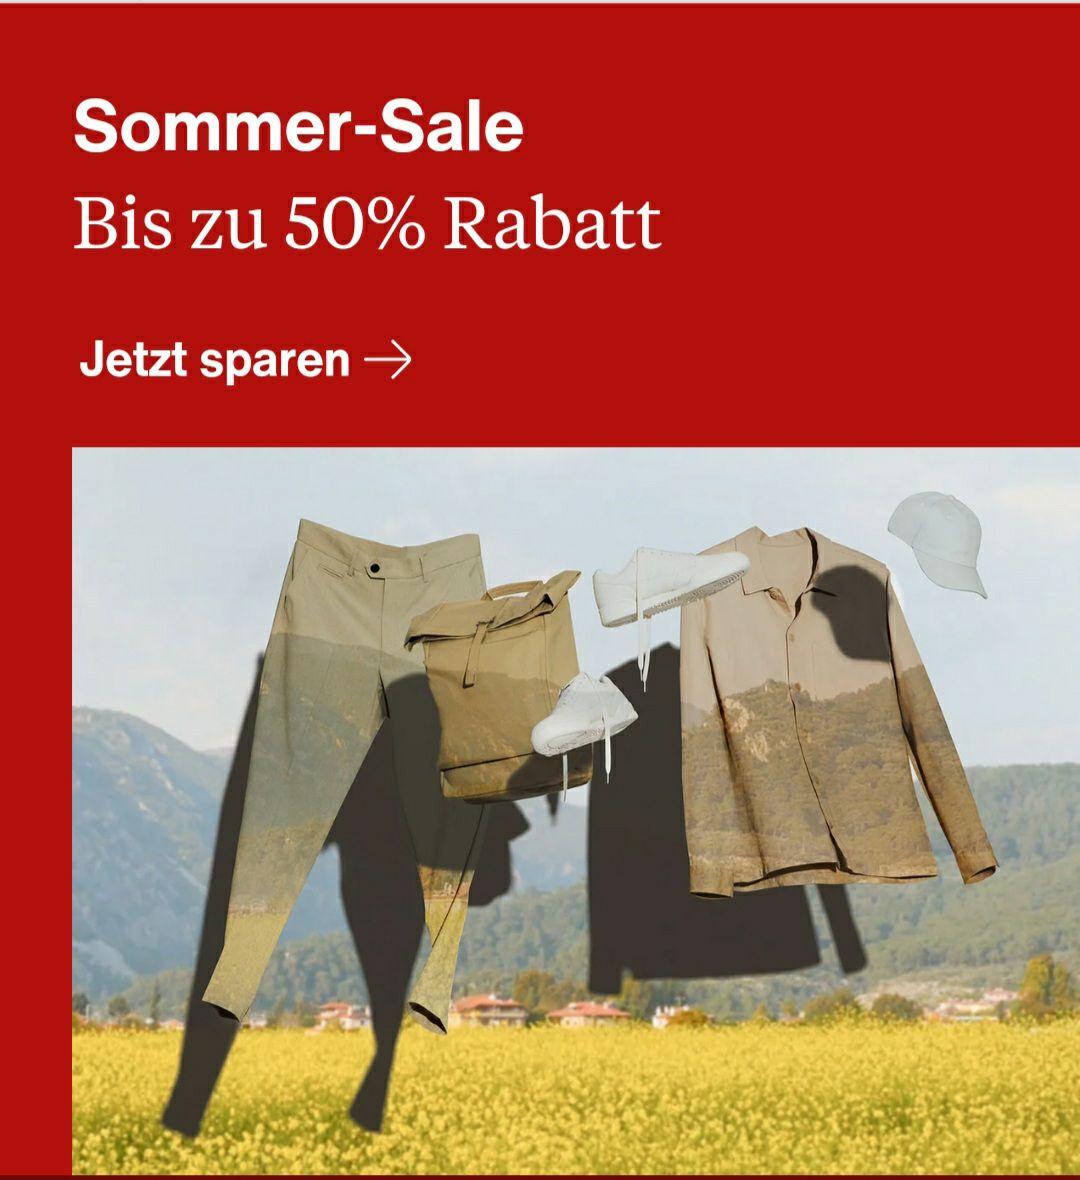 SOMMER-SALE bei Zalando. BIS zu -50% auf ausgewählte Artikel